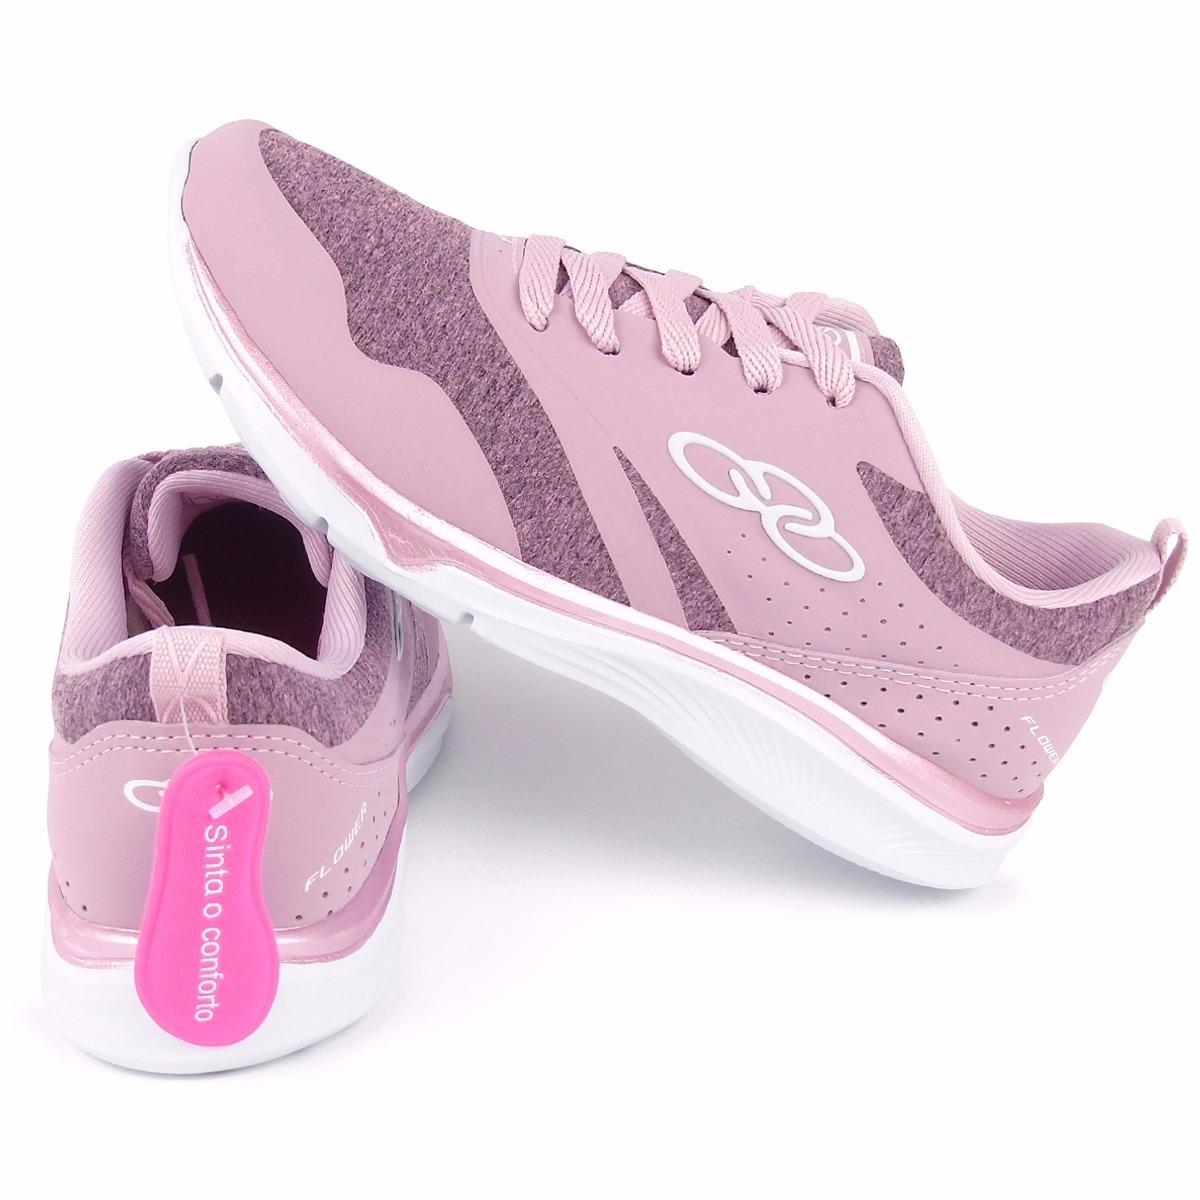 ad8a24d3df7 tênis olympikus feminino corrida flower rosa original. Carregando zoom.